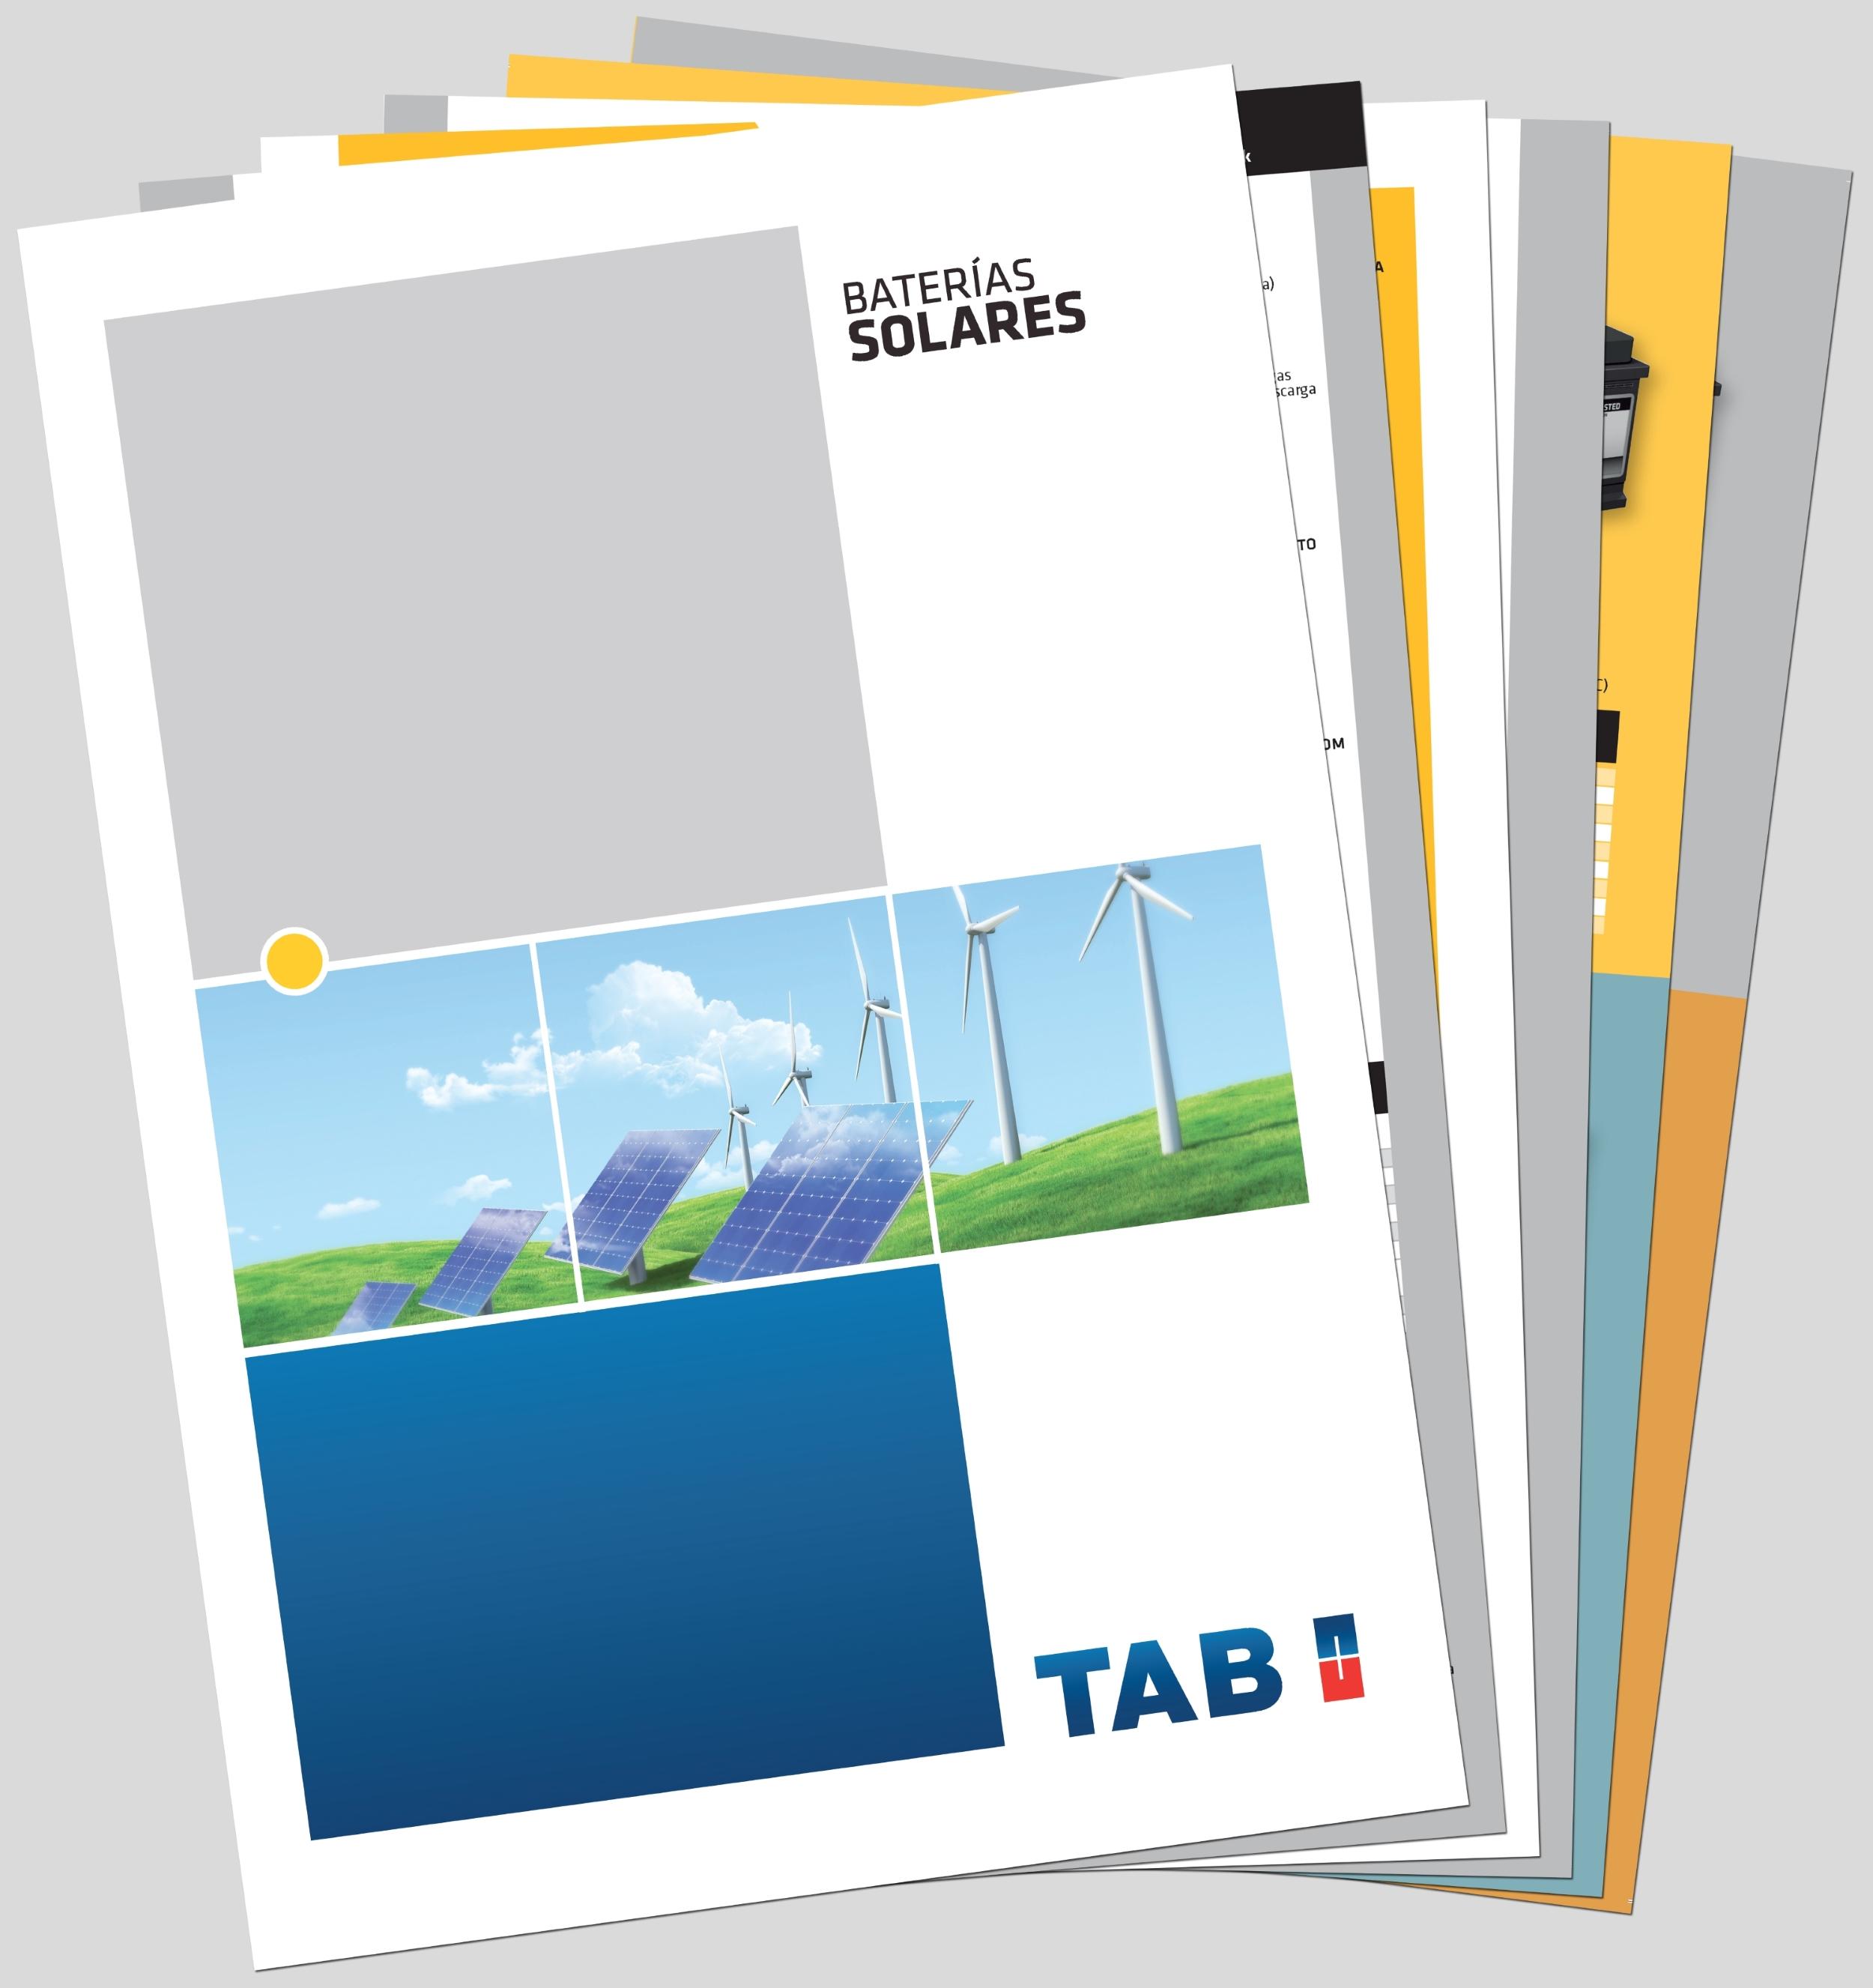 61e6e4f8d1 TAB Batteries presenta la versión portuguesa e inglesa de su Catálogo Solar  de baterías